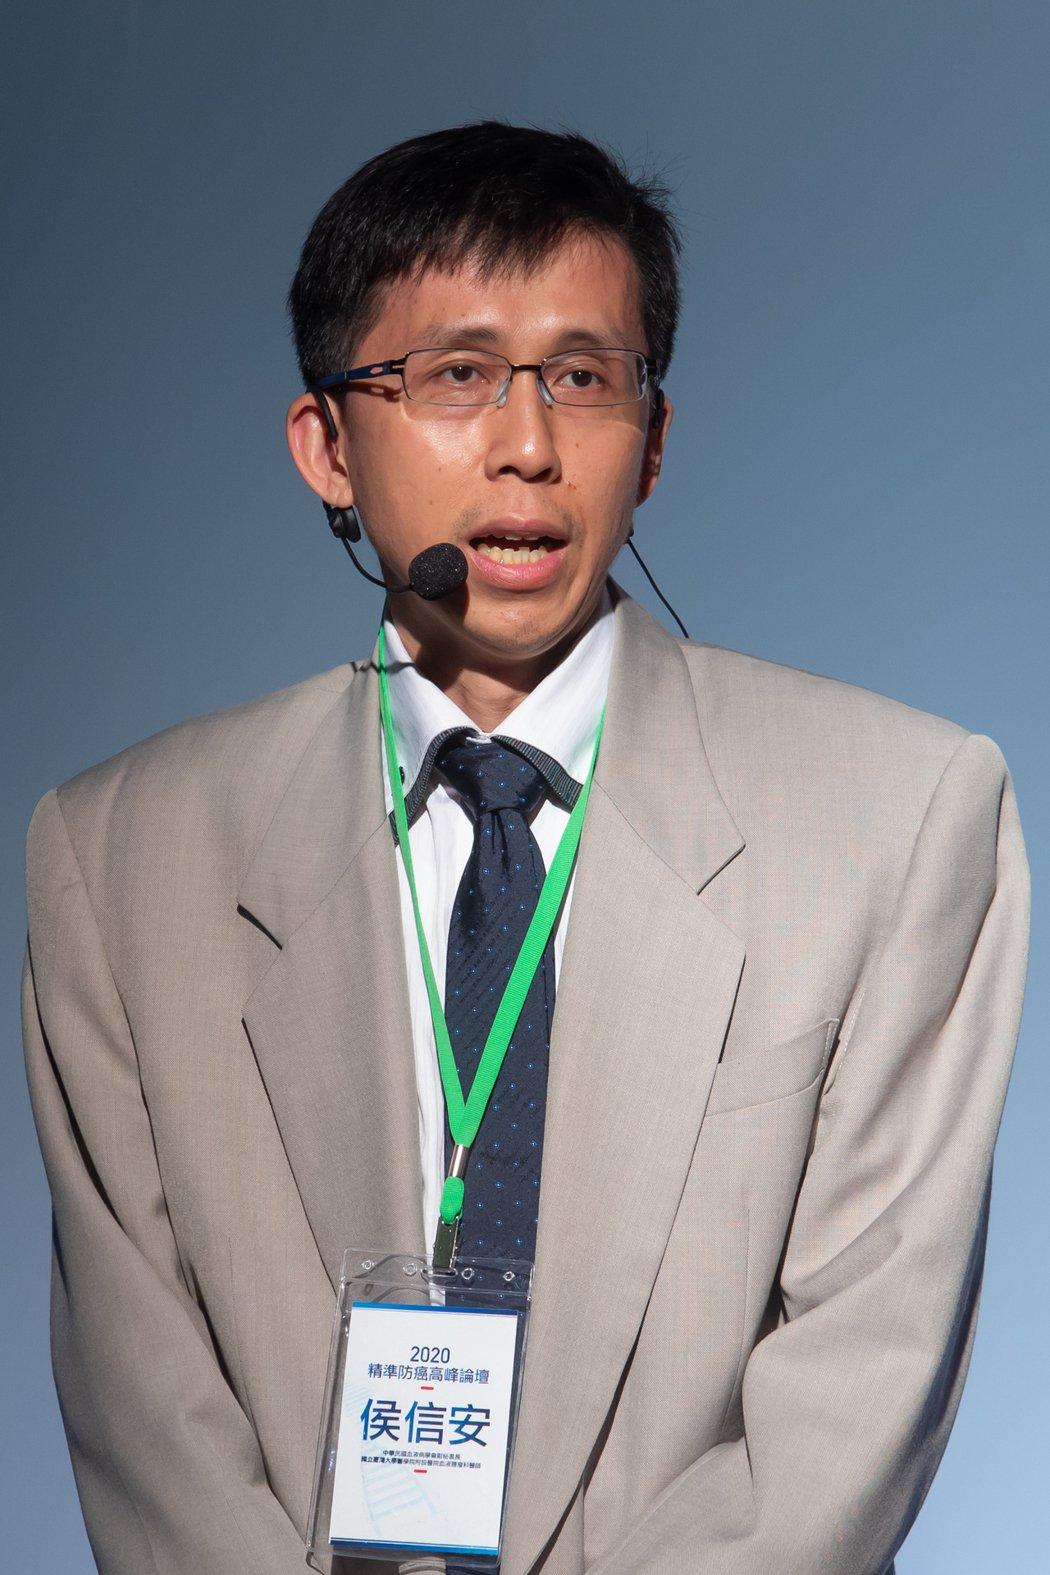 2020精準防癌高峰論壇三月廿八日在台大集思國際會議廳舉行,國立台灣大學醫學院附...